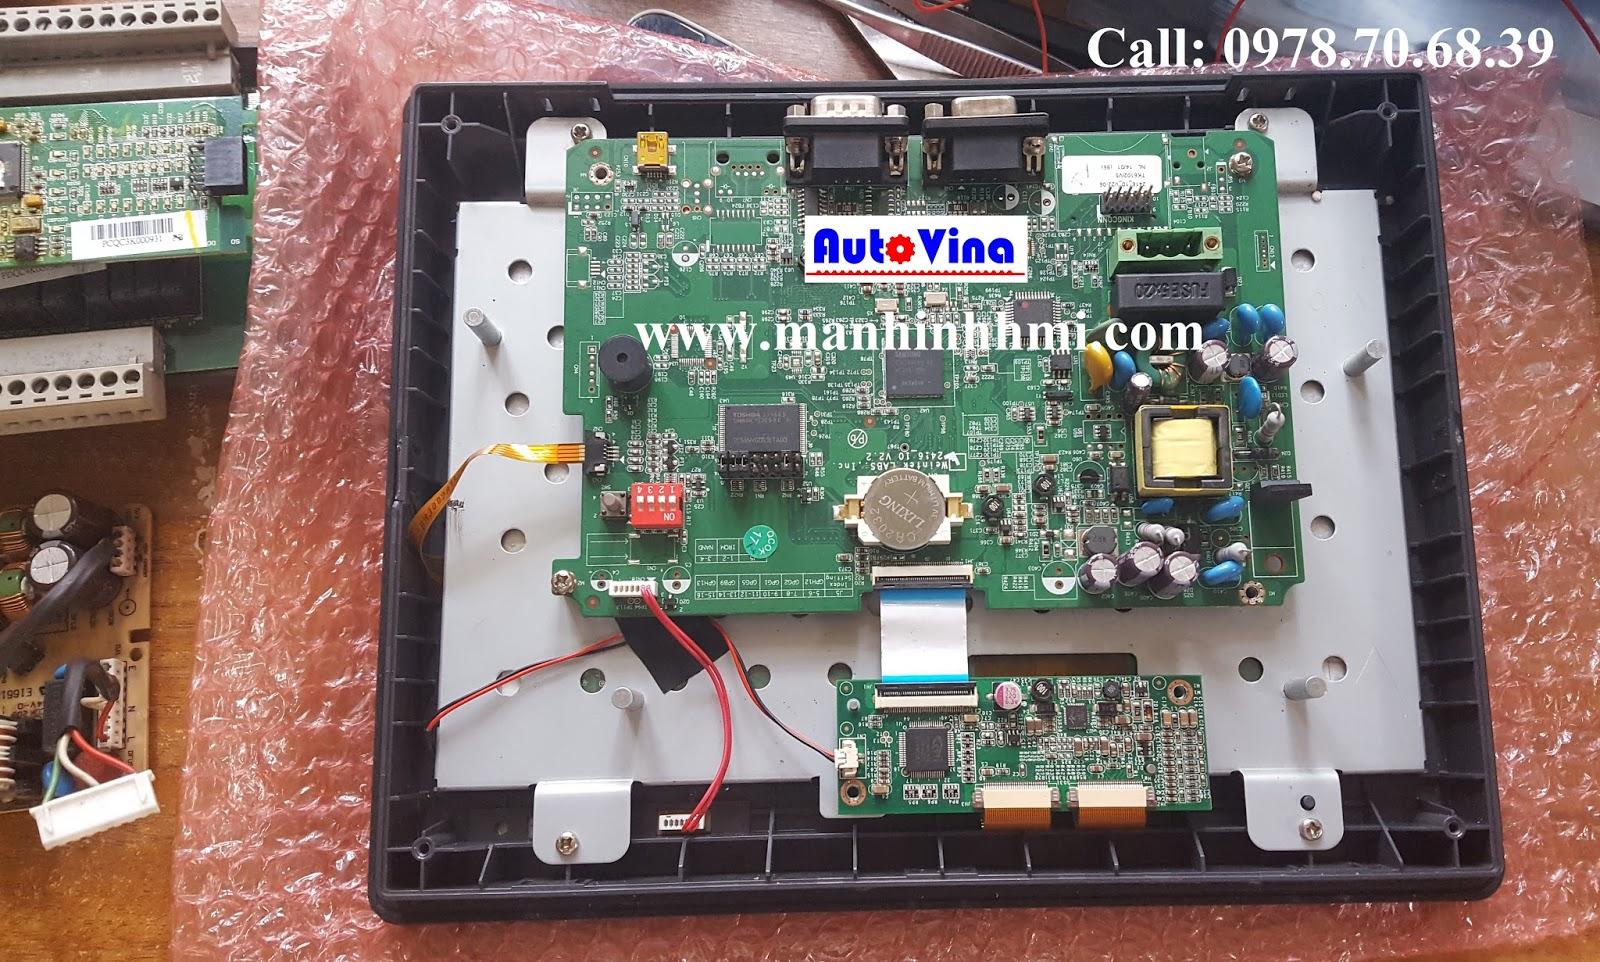 Sửa chữa màn hình Weinview TK6102i lỗi không hiển thị LCD, mất cảm ứng